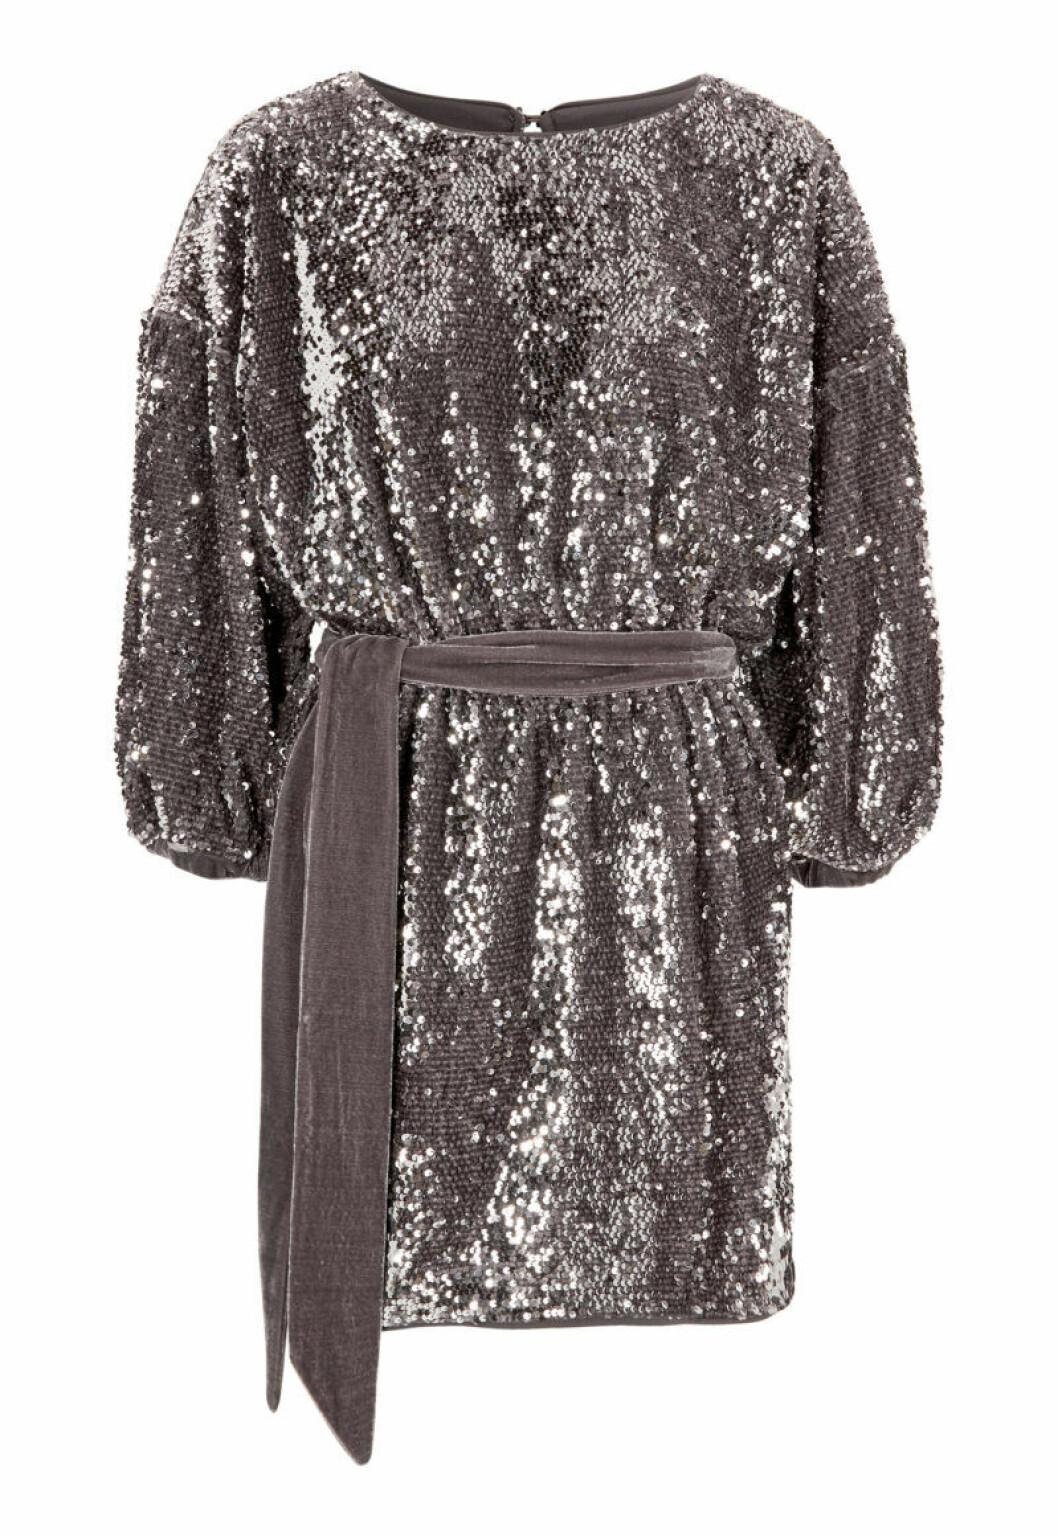 Silvrig paljettbroderad klänning från Bubbleroom